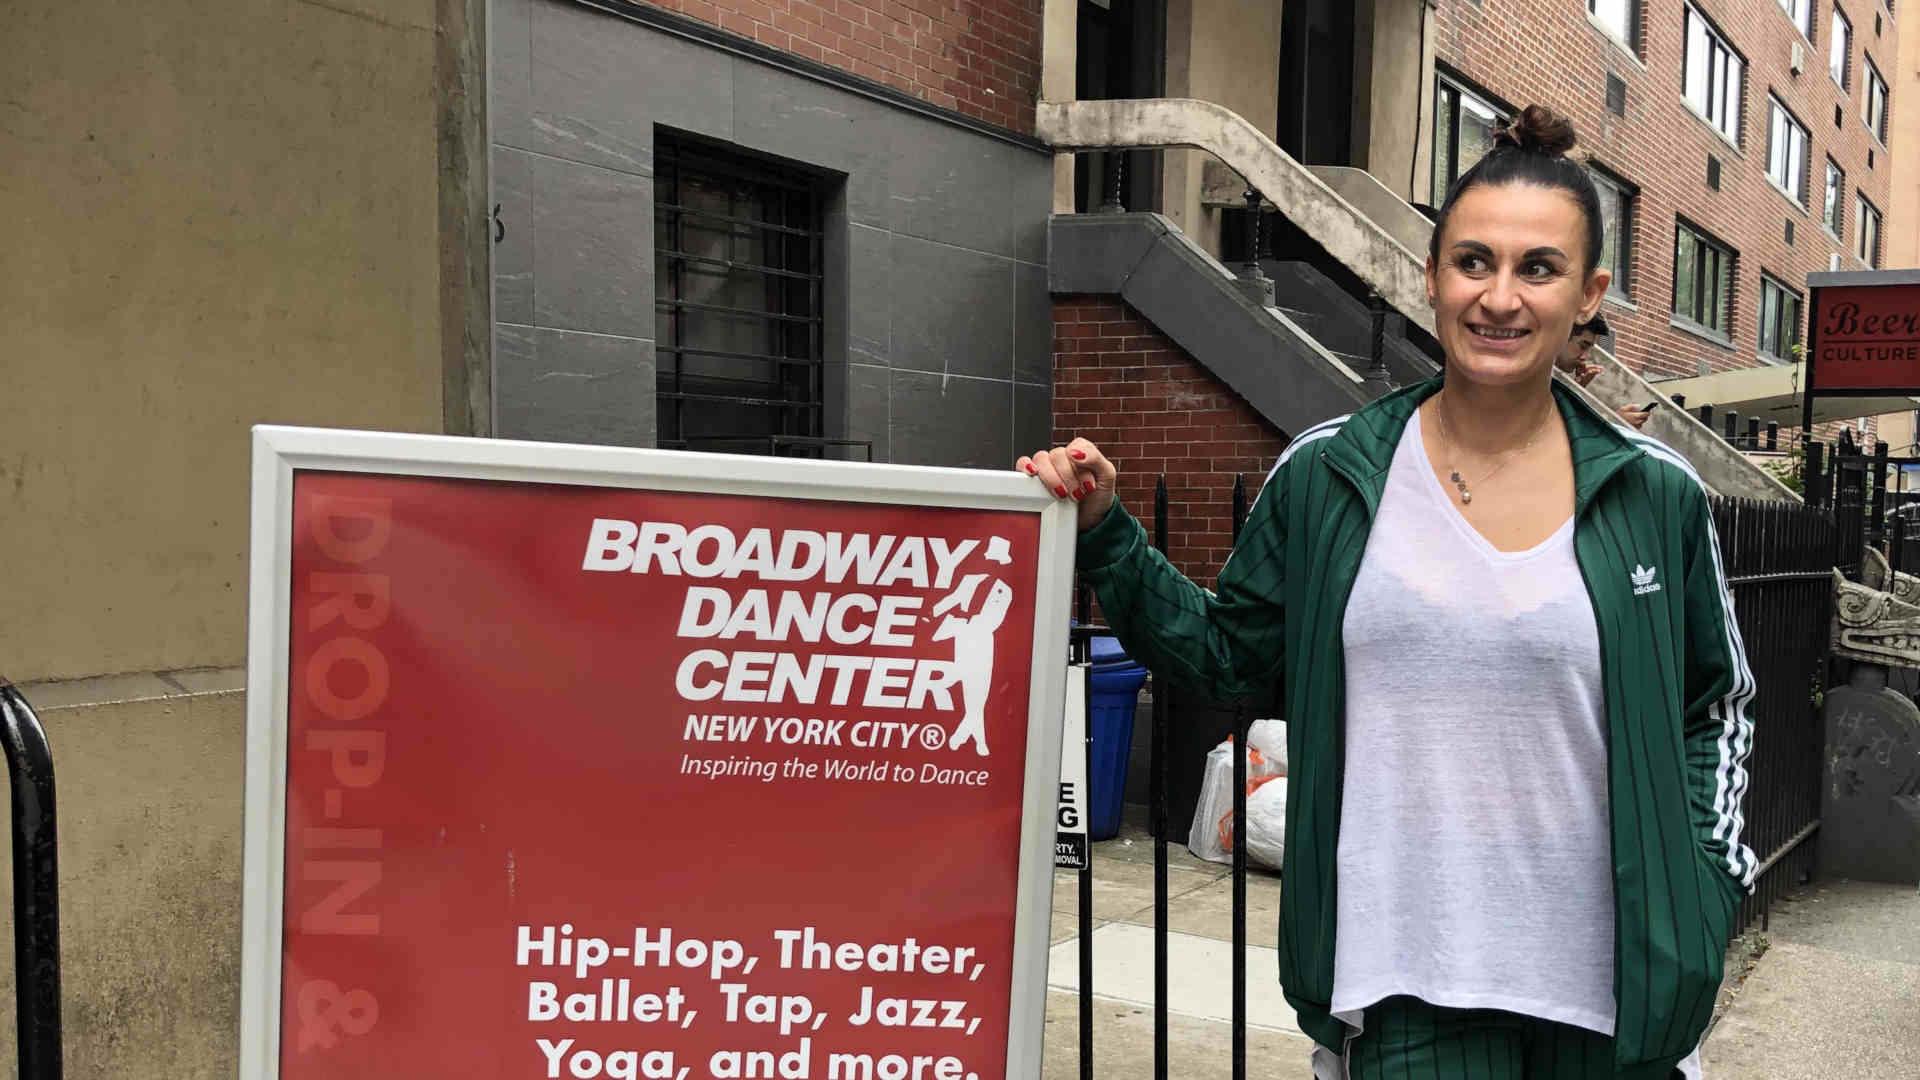 Trener Anna Kwitniewska uczestniczyła w warsztatach tanecznych na Broadway Dance Center.